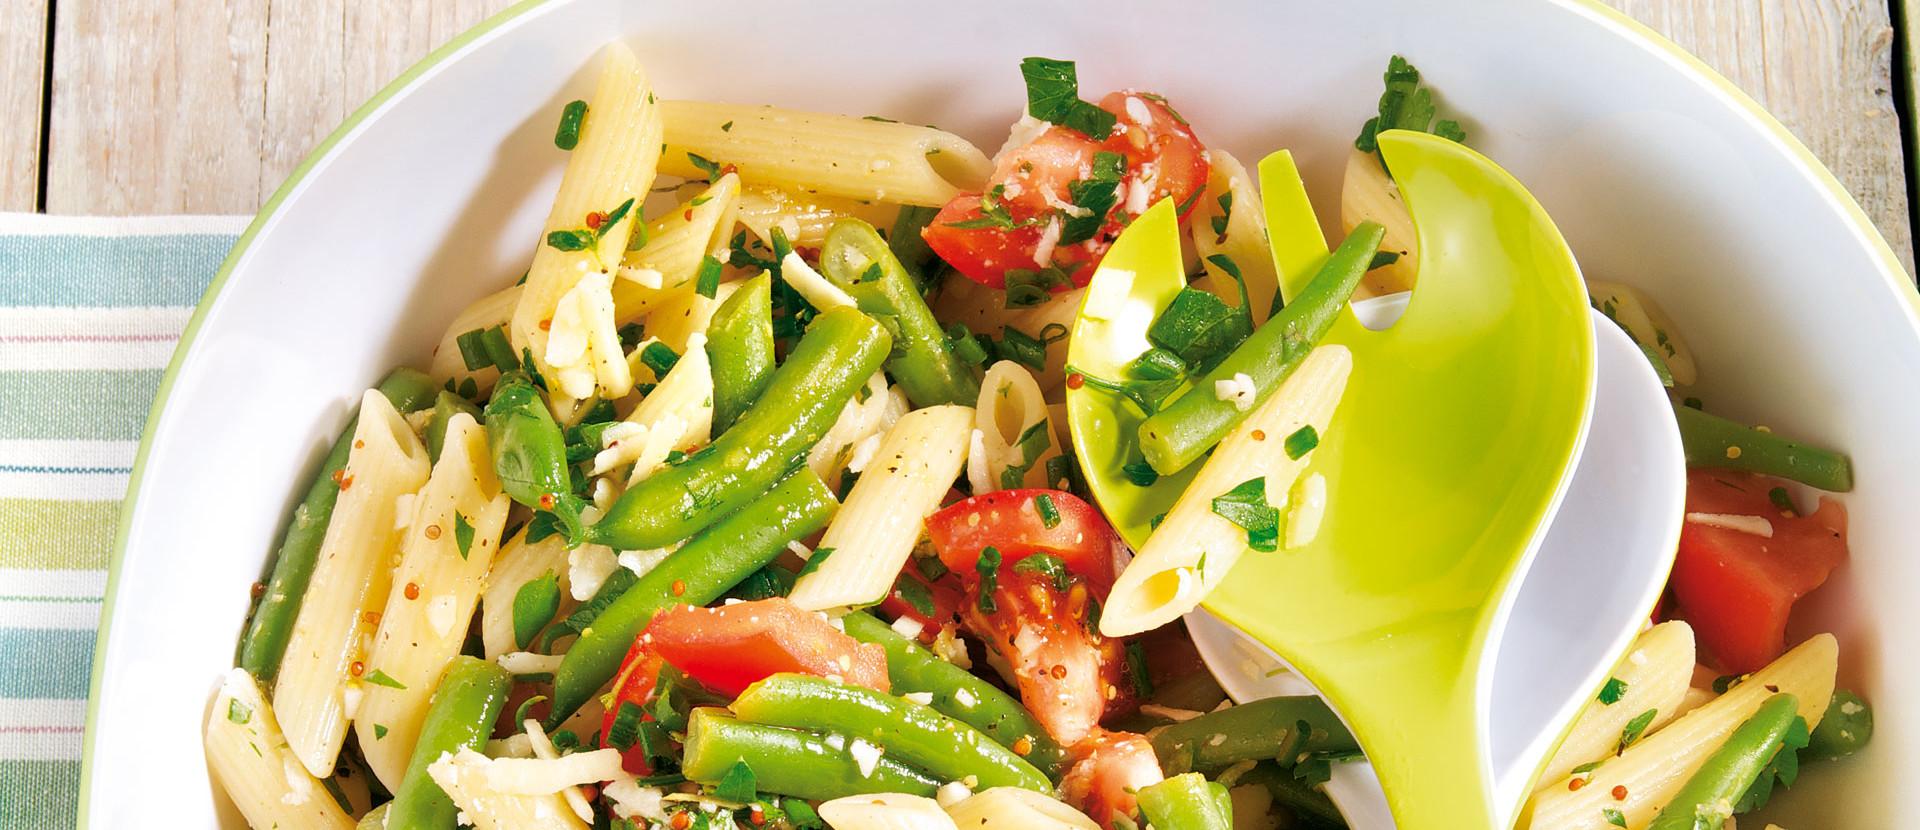 Penne Bohnensalat mit Parmesan und Kräuter